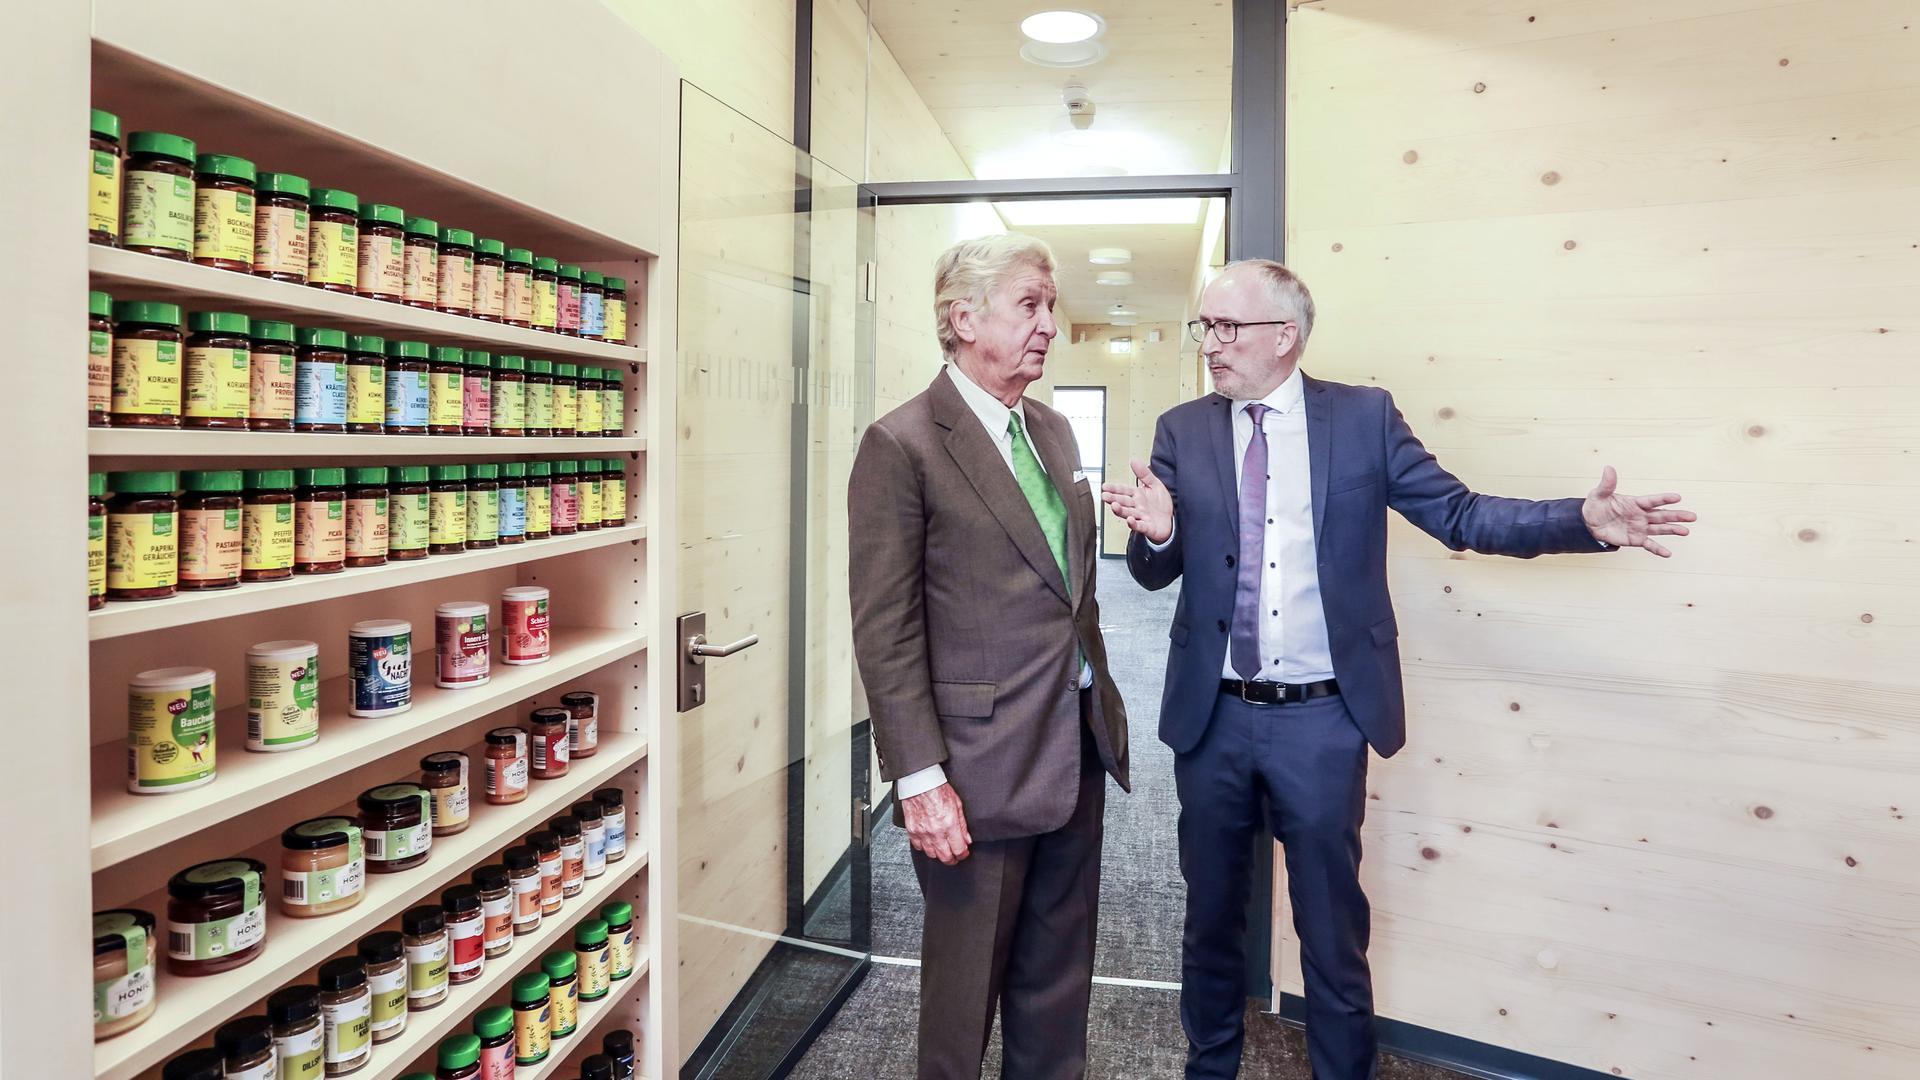 Eigentümer Albert Darboven und Geschäftsführer Bernd Eigendorf im neuen Verwaltungsbau der Gewürzmühle Brecht mit unbehandelten Holzwänden.